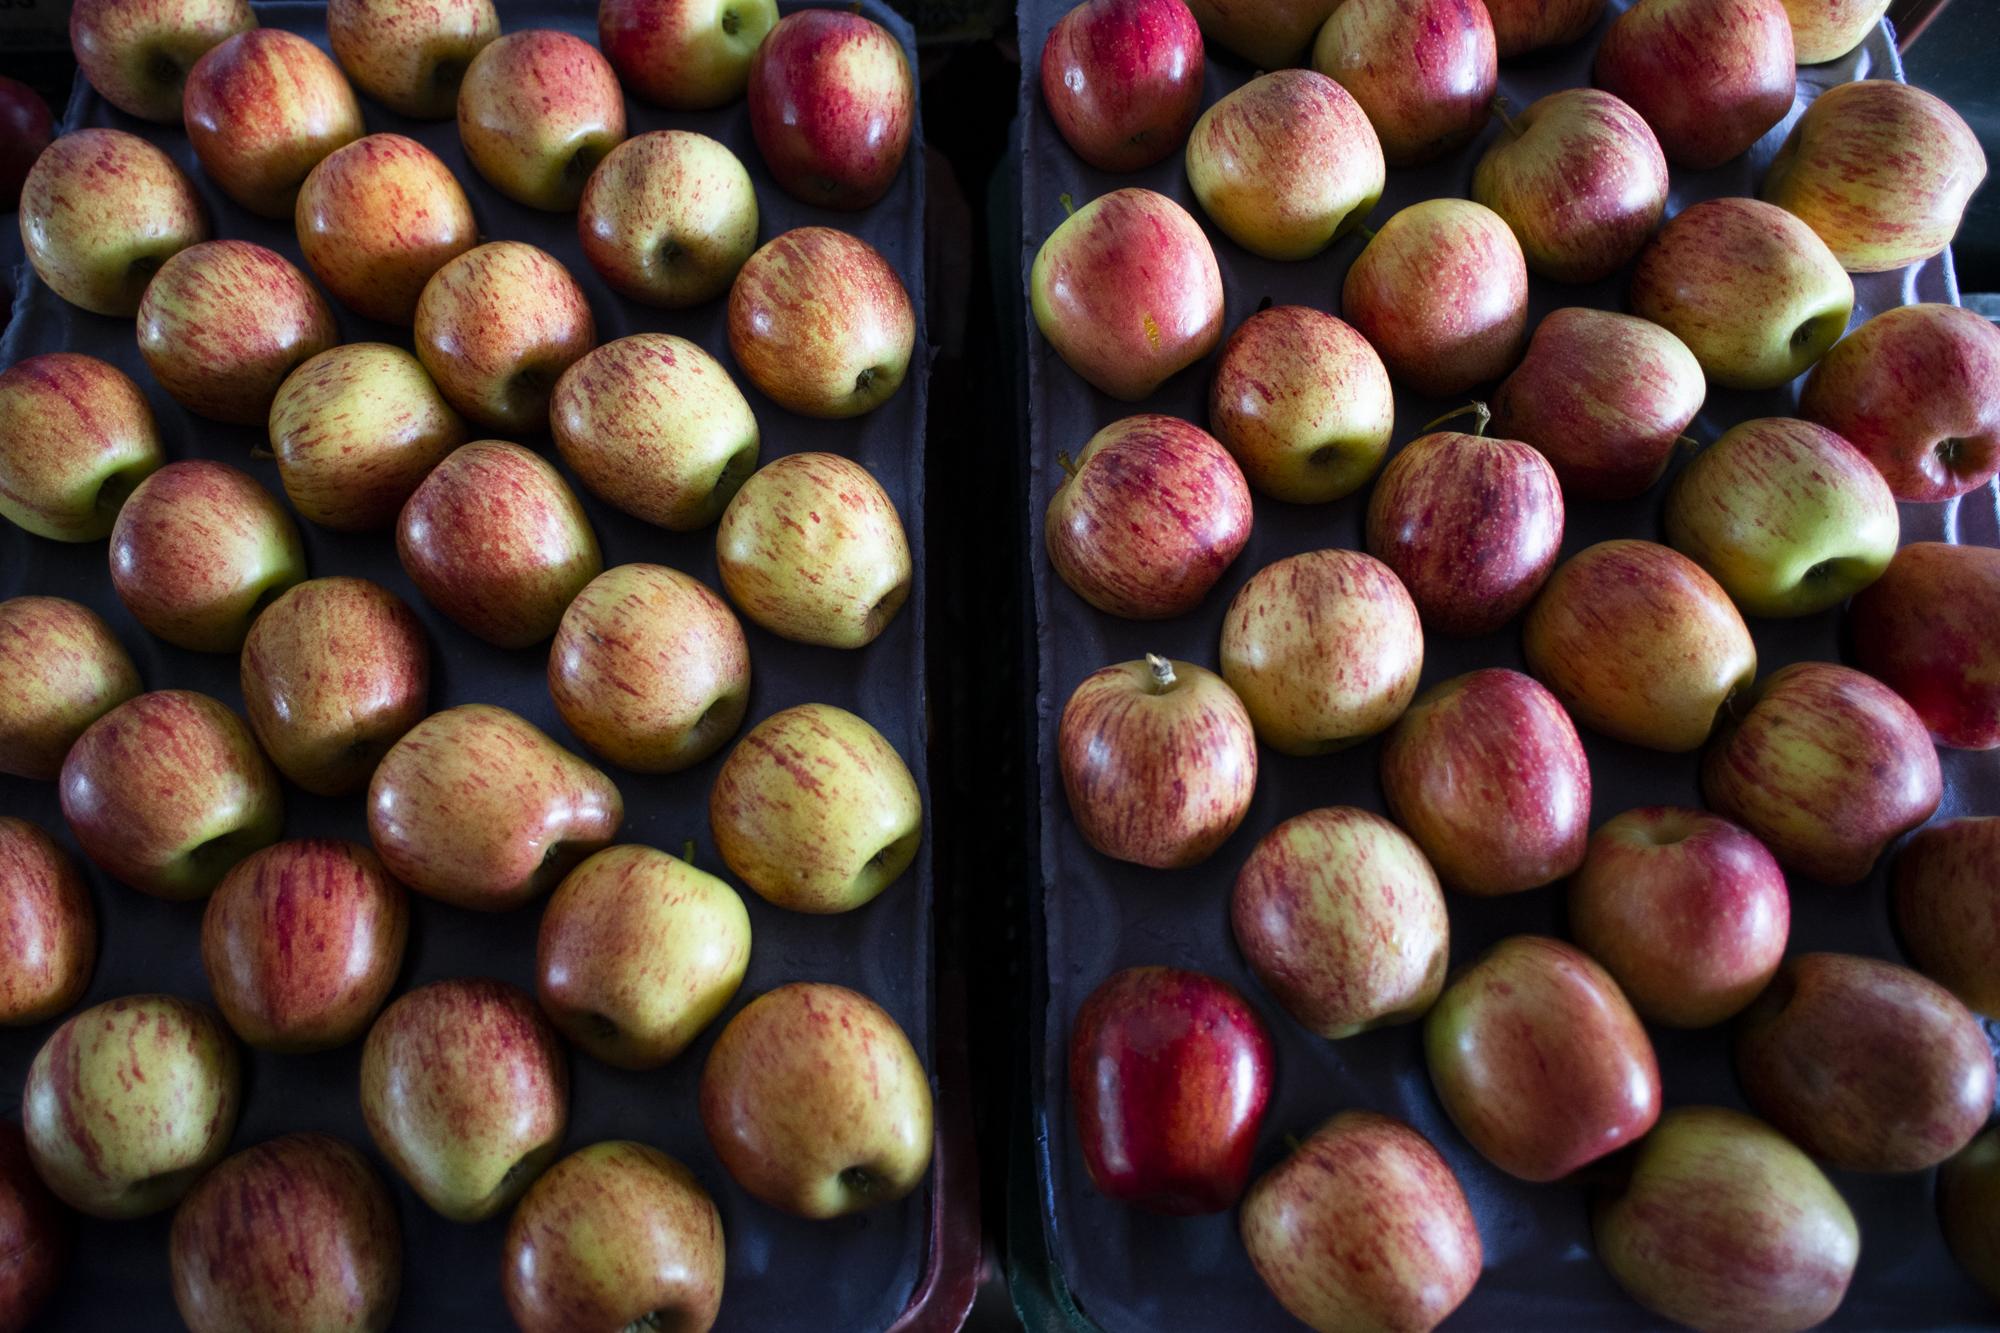 Semana começa com ofertas de frutas no entreposto da Ceasa no Cariri